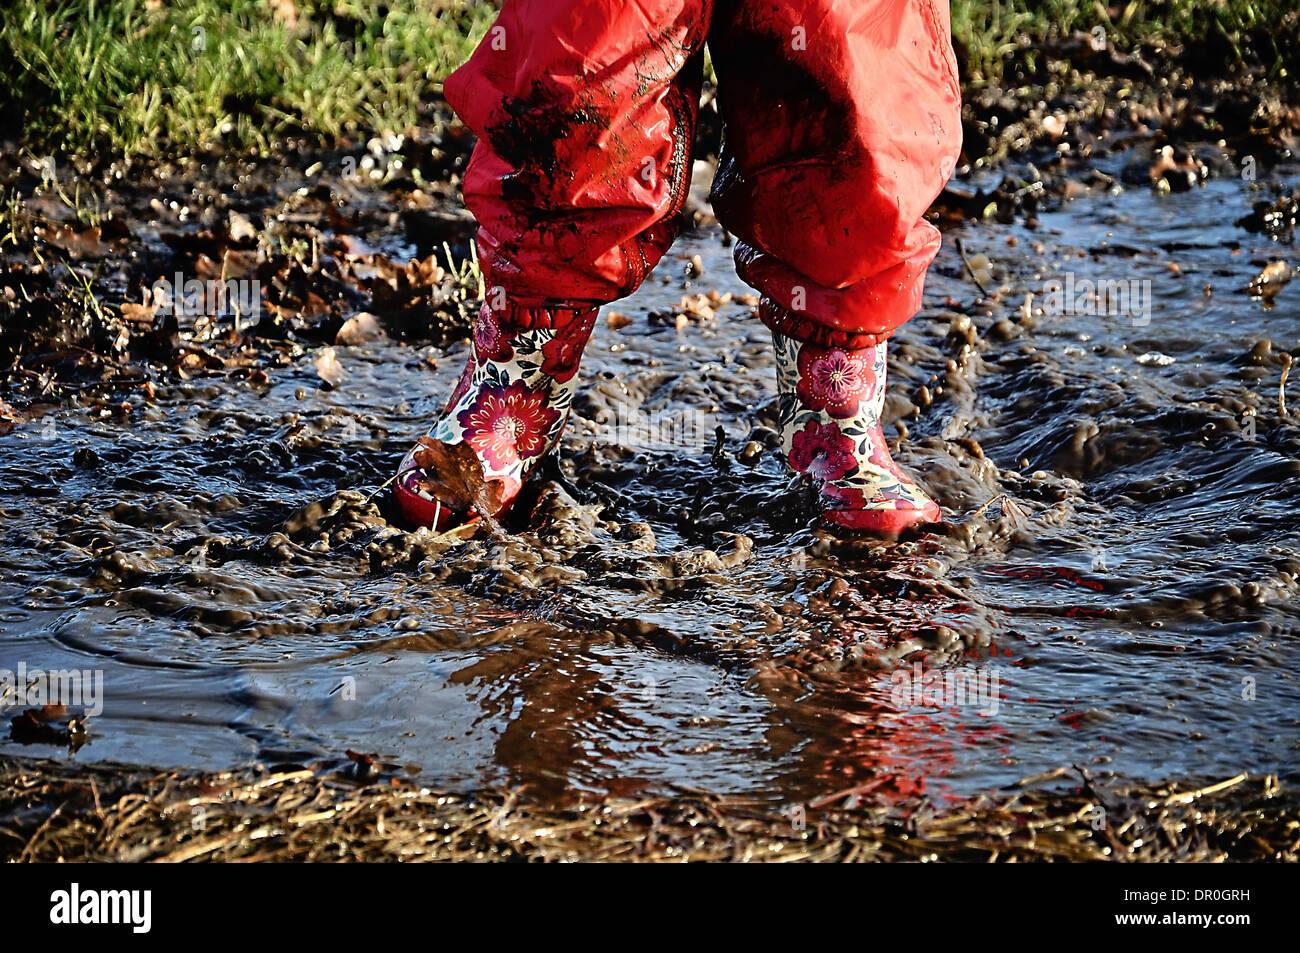 Bambino in stivali da pioggia spruzzi in una pozza Immagini Stock